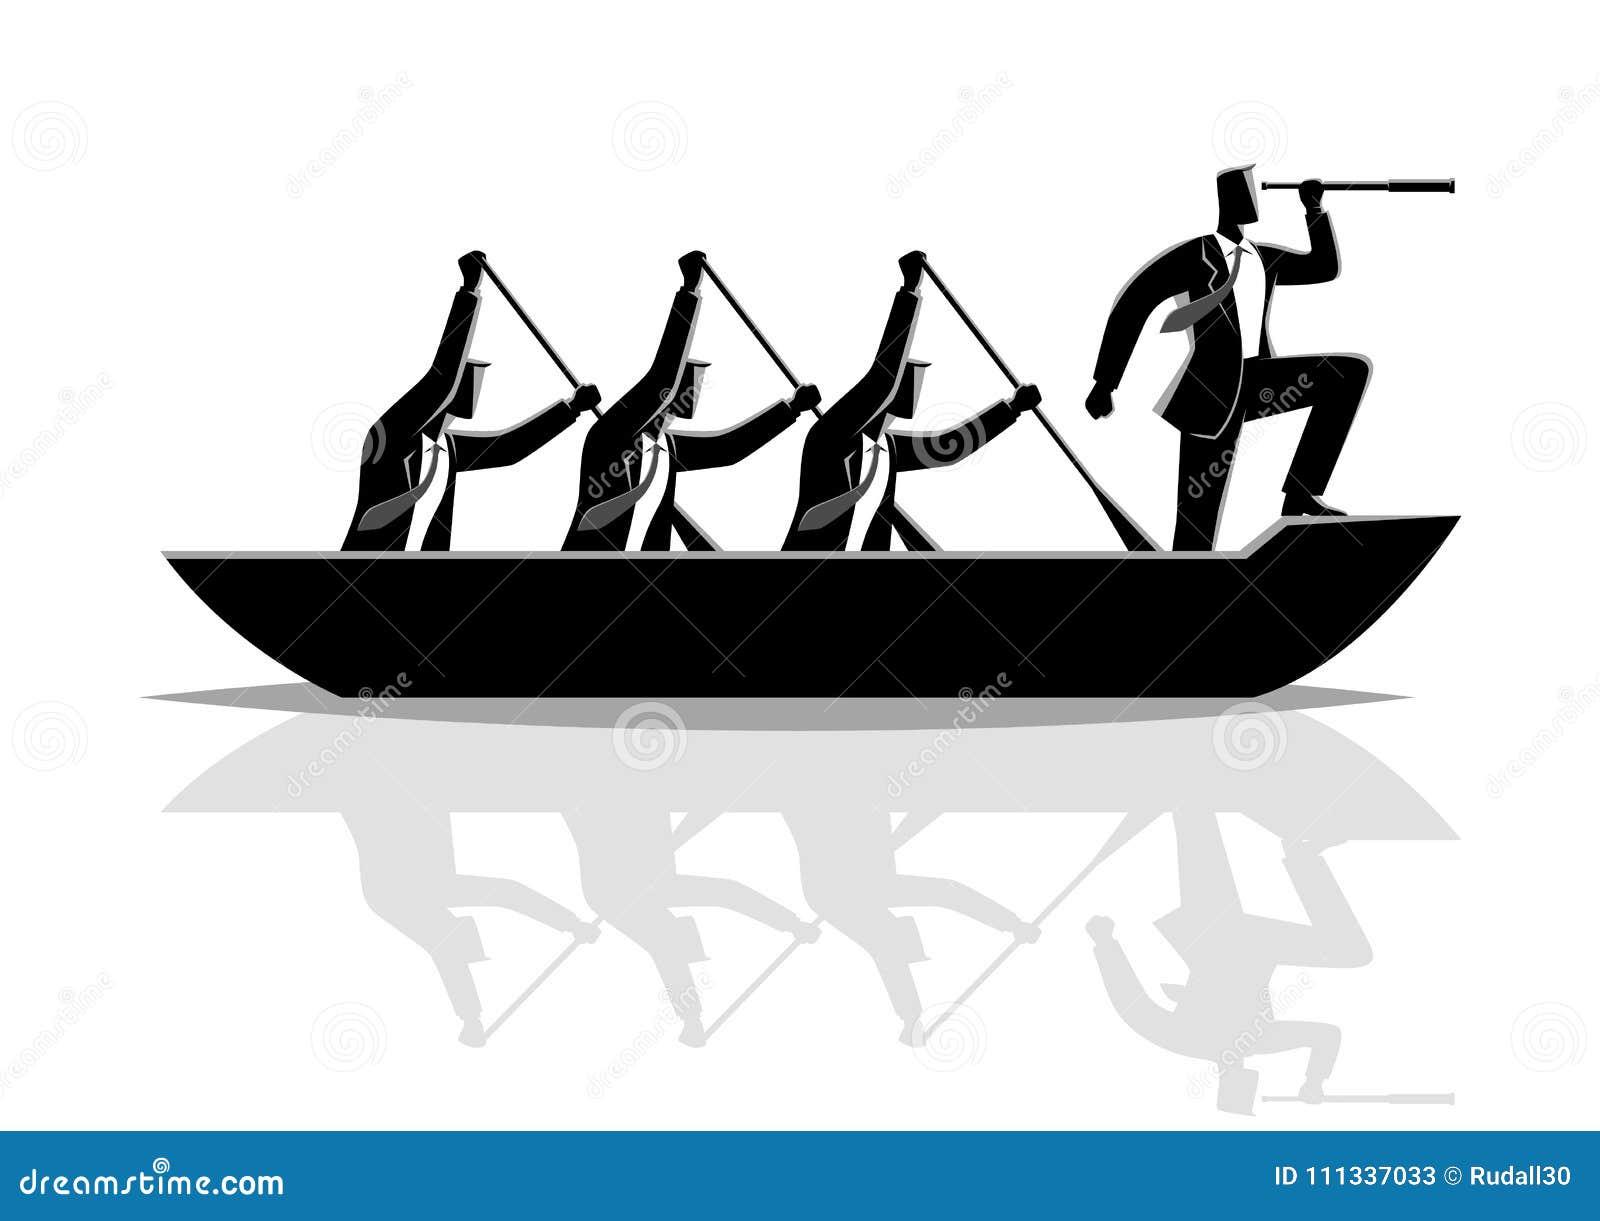 Весельная лодка сыгранности силуэта бизнесмена